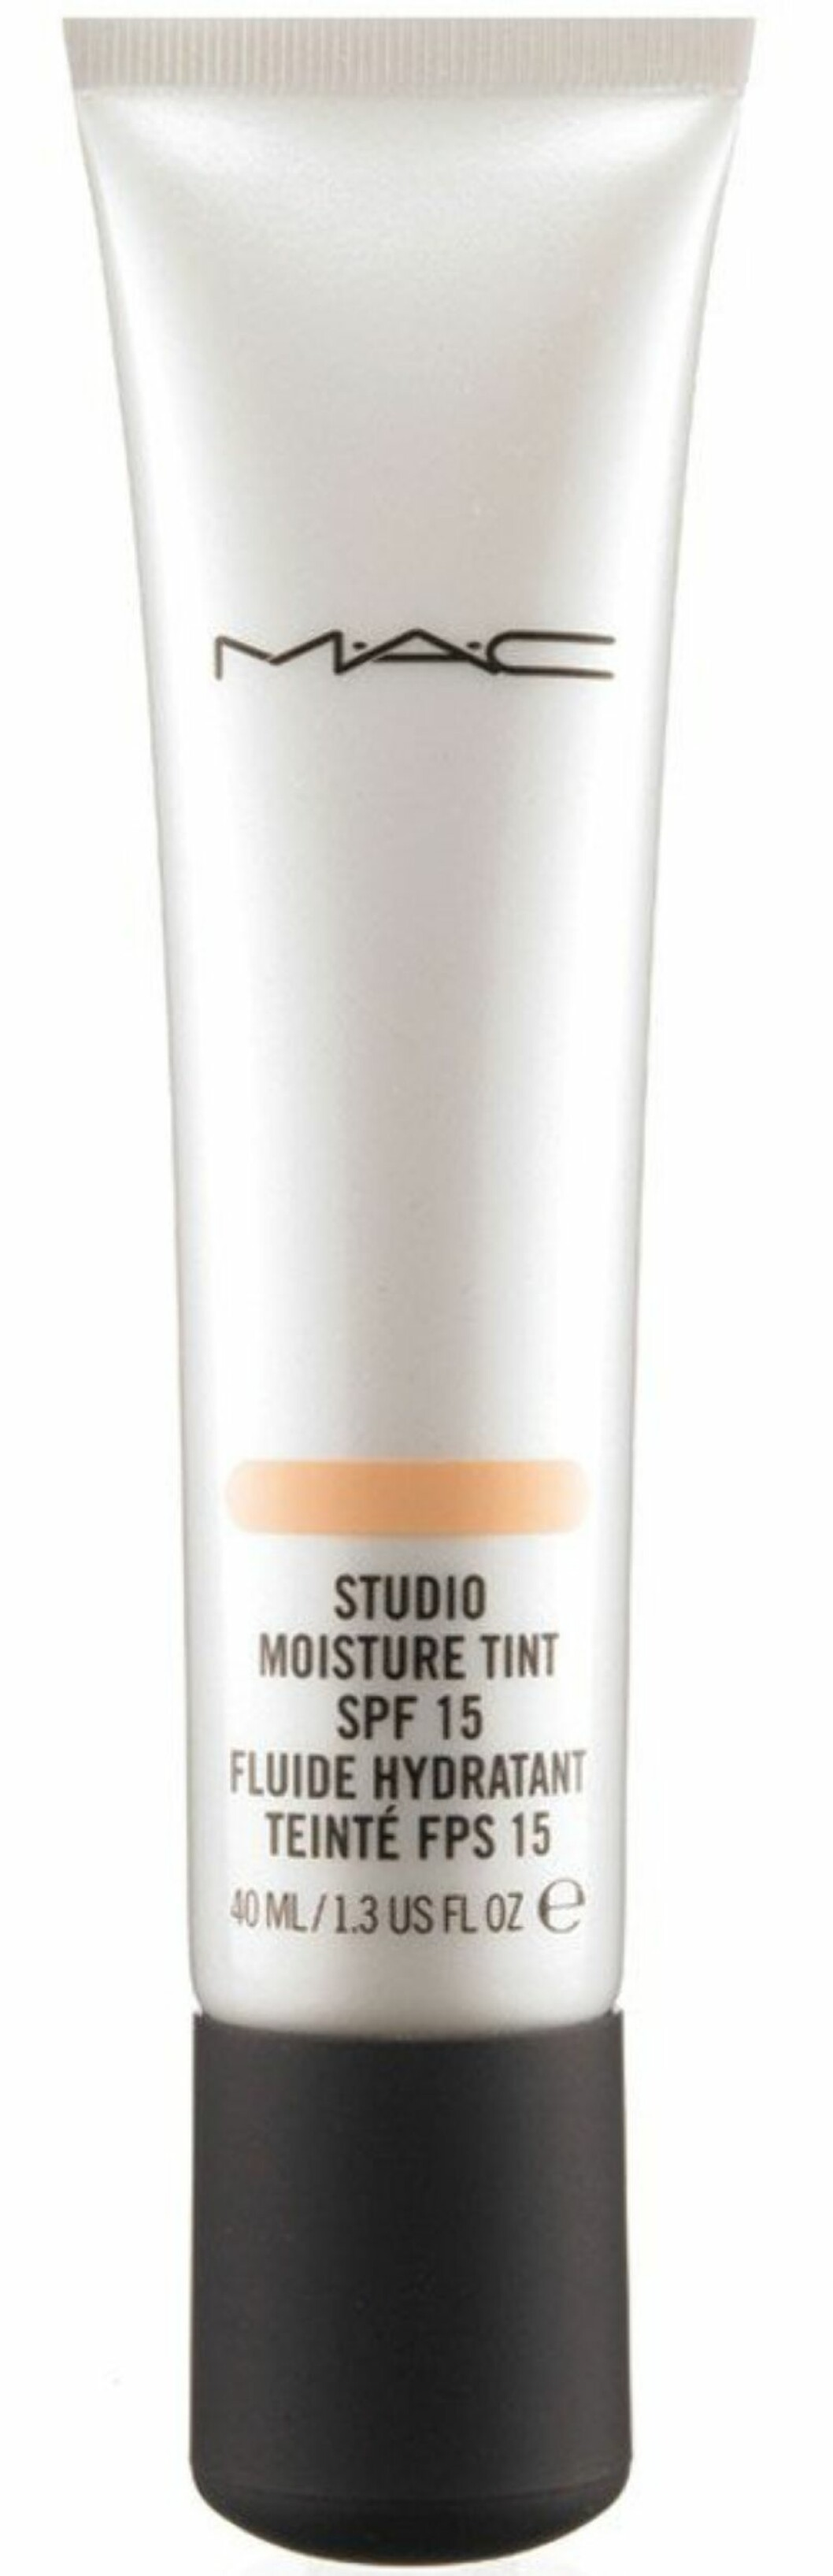 MAC Studio Moisture Tint er en lett og fuktgivende farget dagkrem som jevner ut huden og gir en flott glød. Beskytter med SPF 15, kr  215. Foto: Produsenten